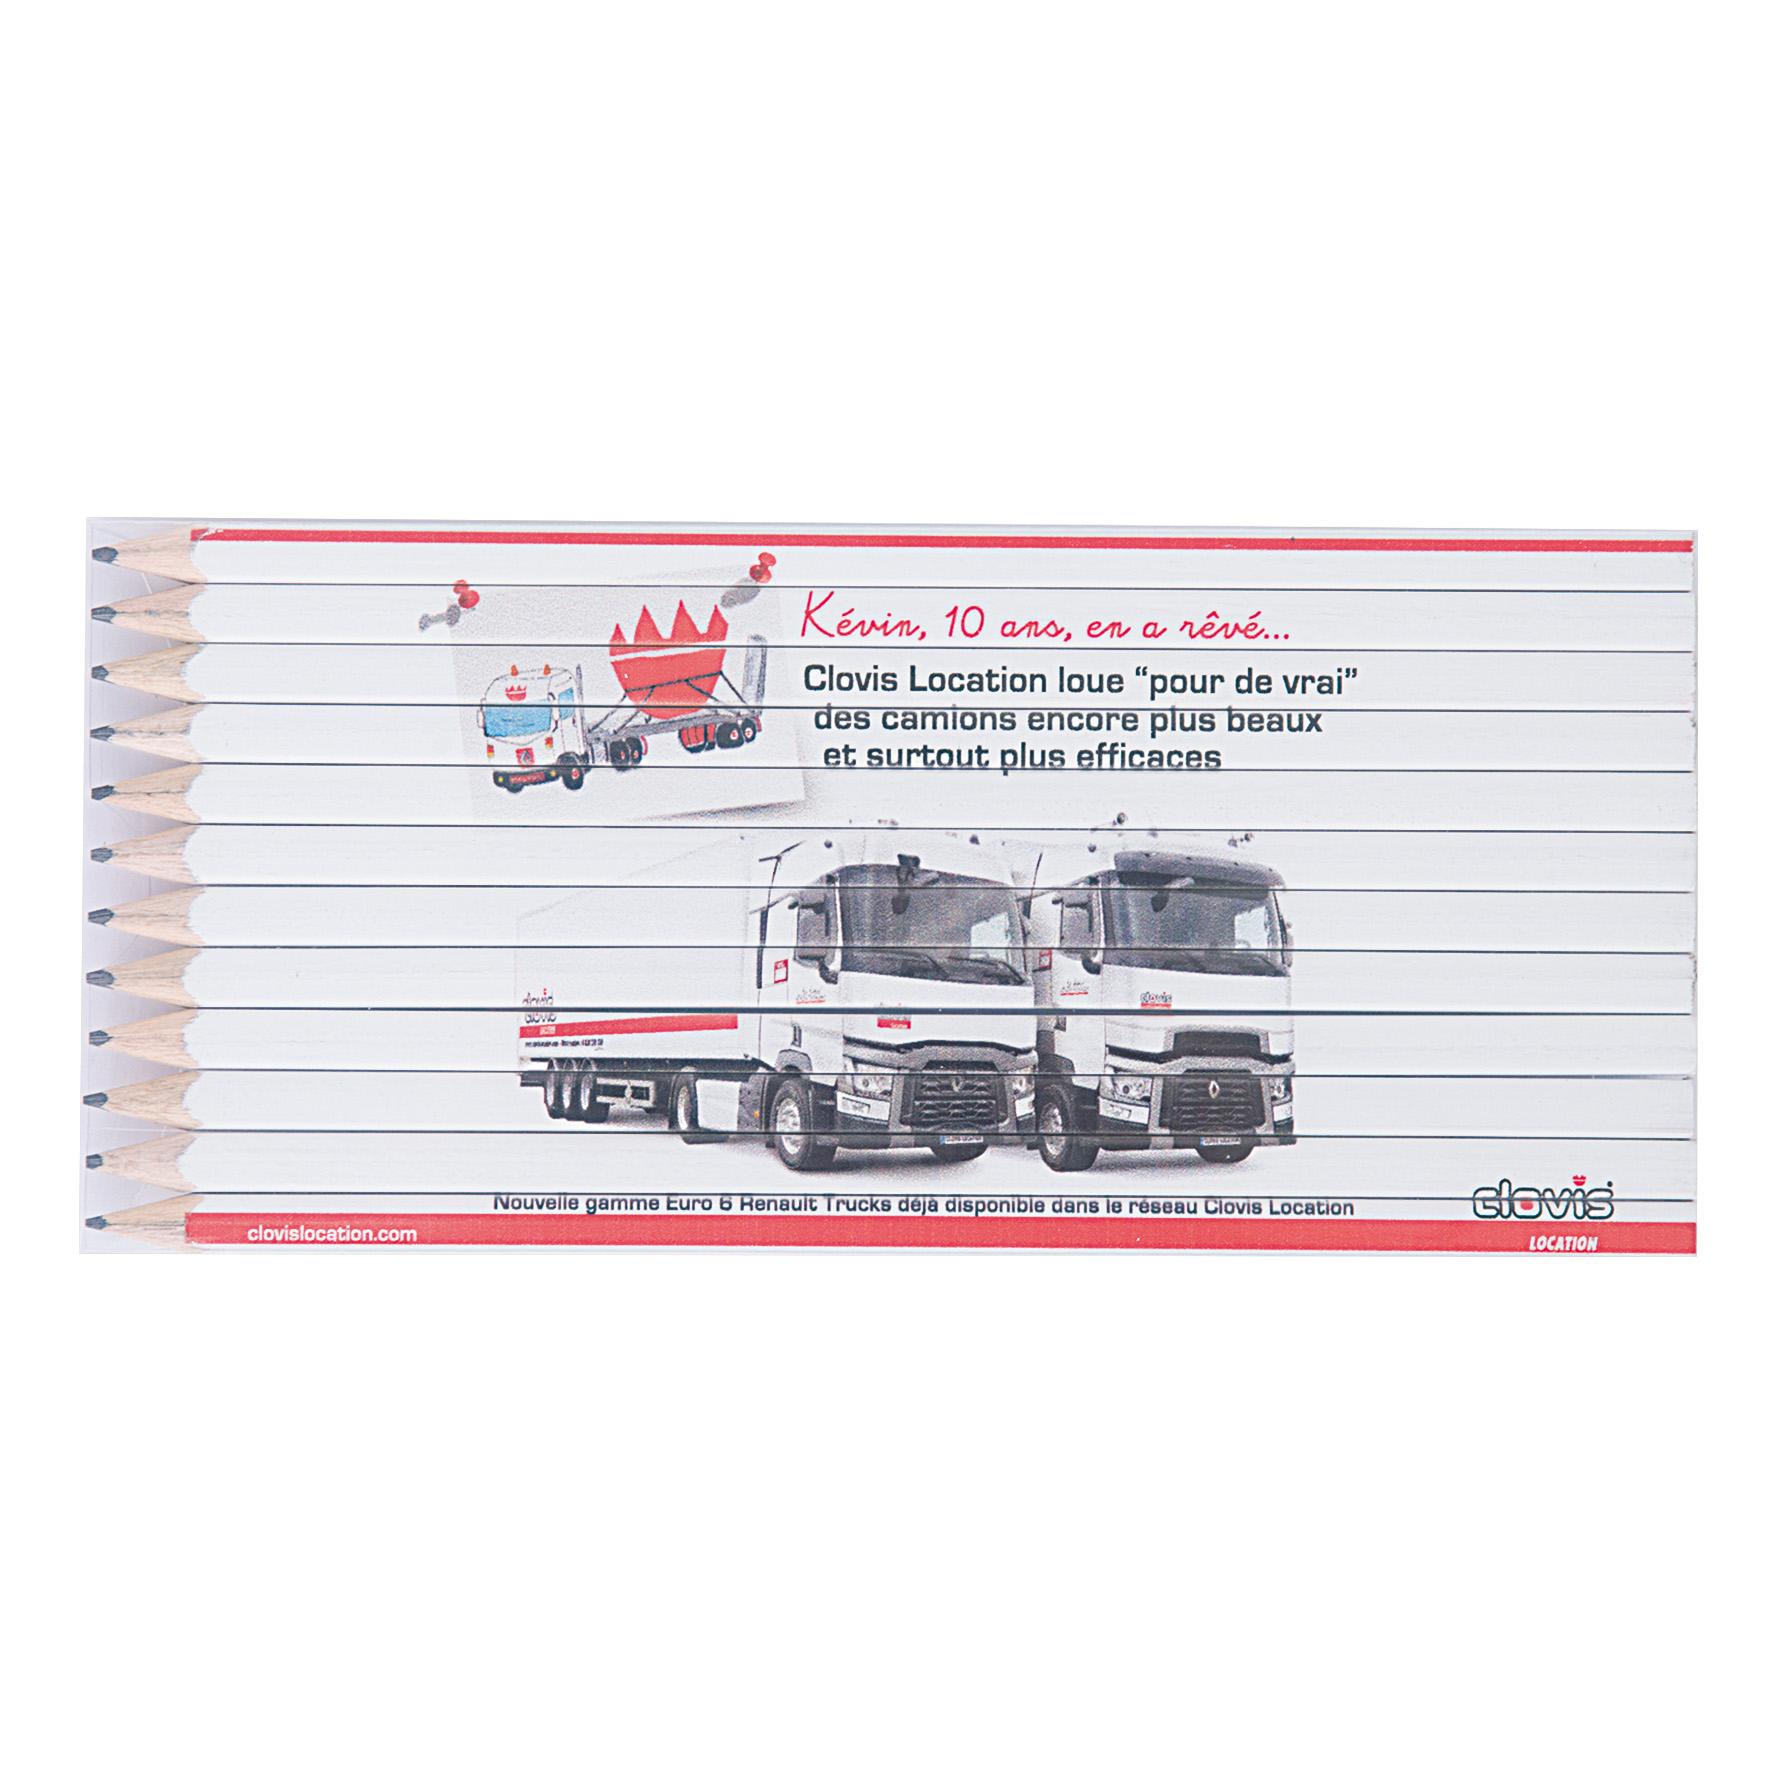 SET QUADRI 12 GRAPHITE 17,6 cm Fashion Goodiz goodies objet personnalisé cadeaux d affaire objets publicitaires